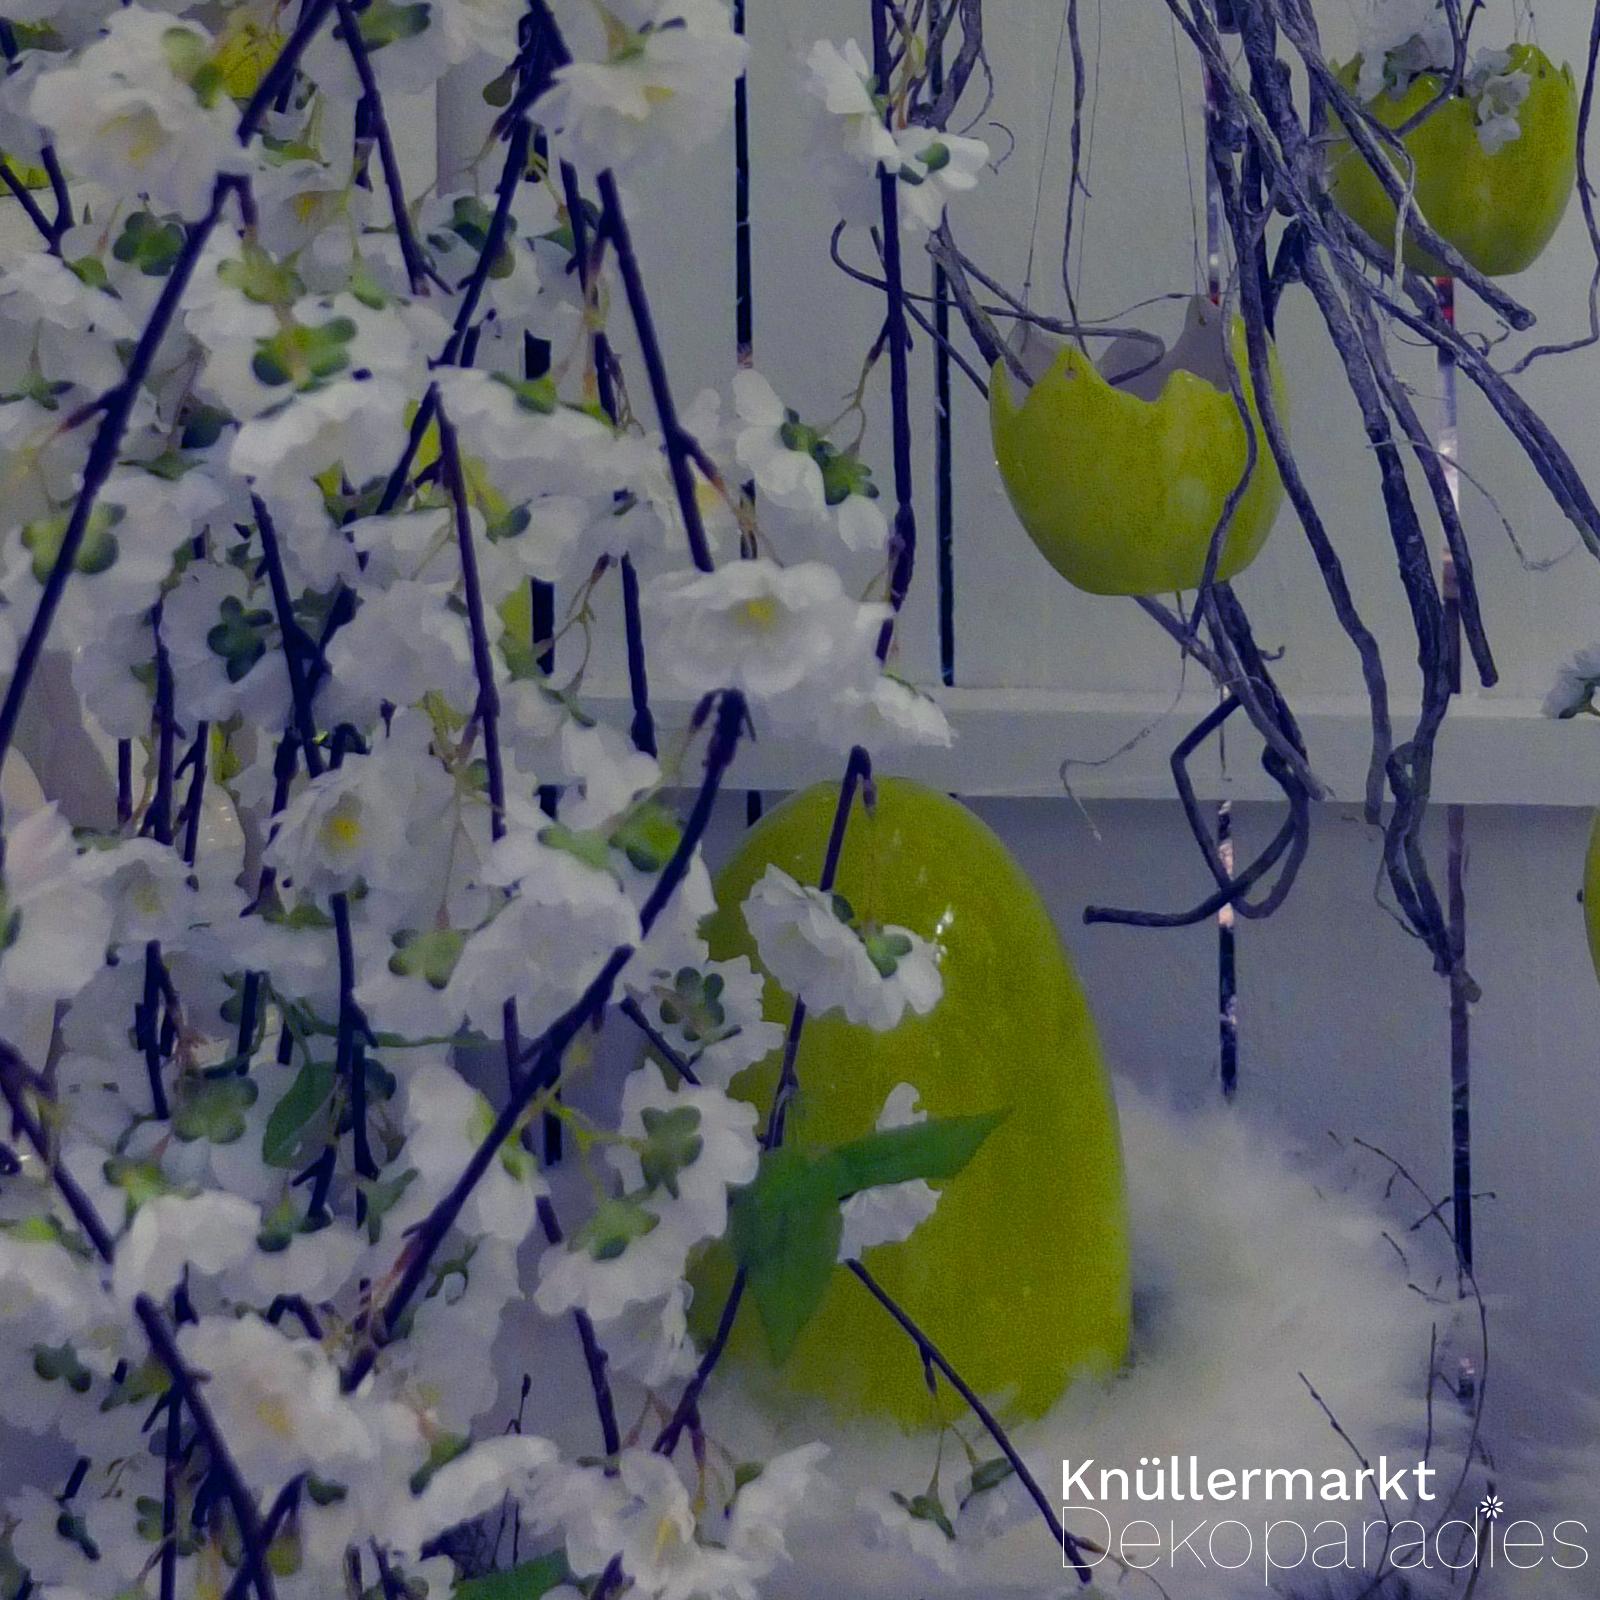 gallerie-8-themenseite-oster-ostern-easter-hase-eier-blume-deko-paradies-knuellermarkt